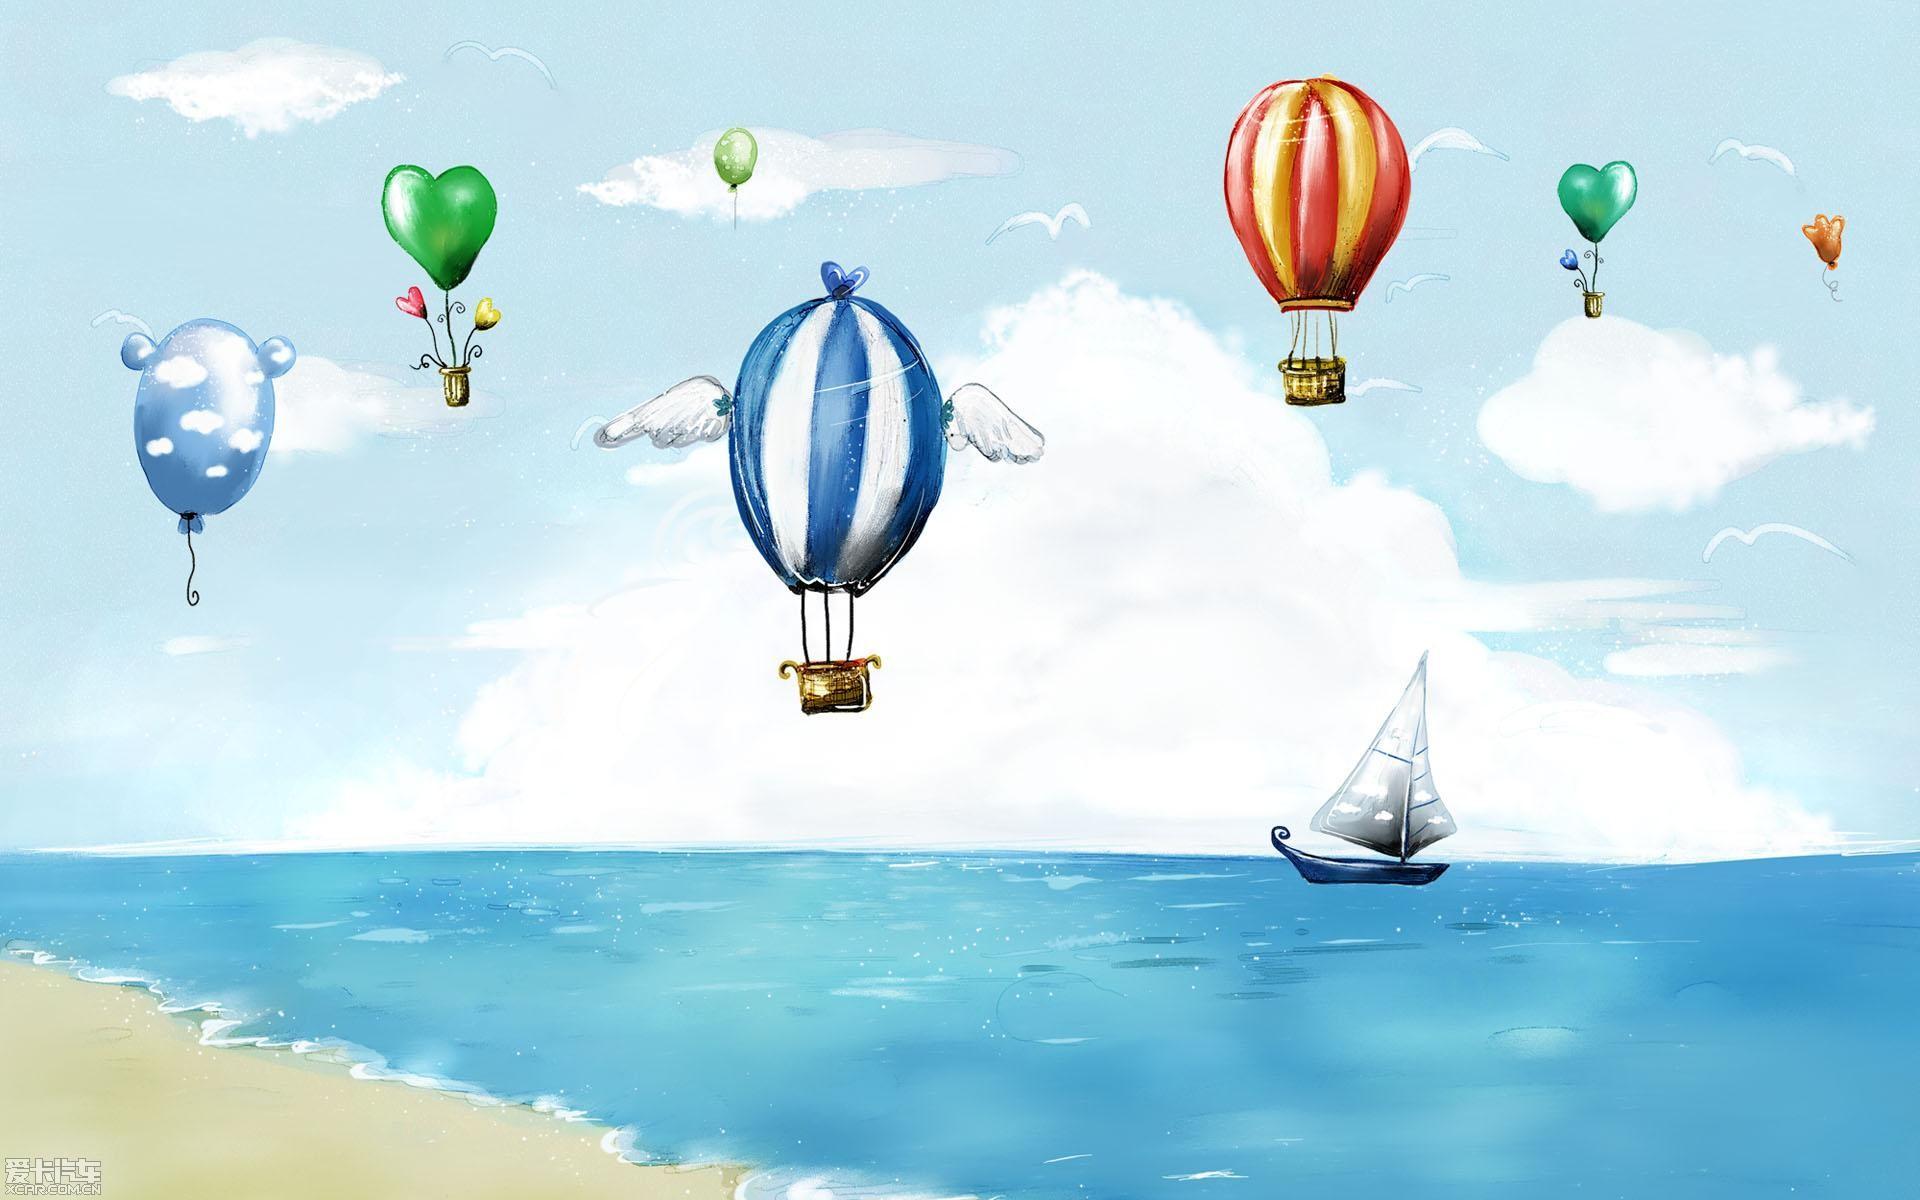 动漫 卡通 漫画 热气球 设计 矢量 矢量图 素材 头像 1920_1200